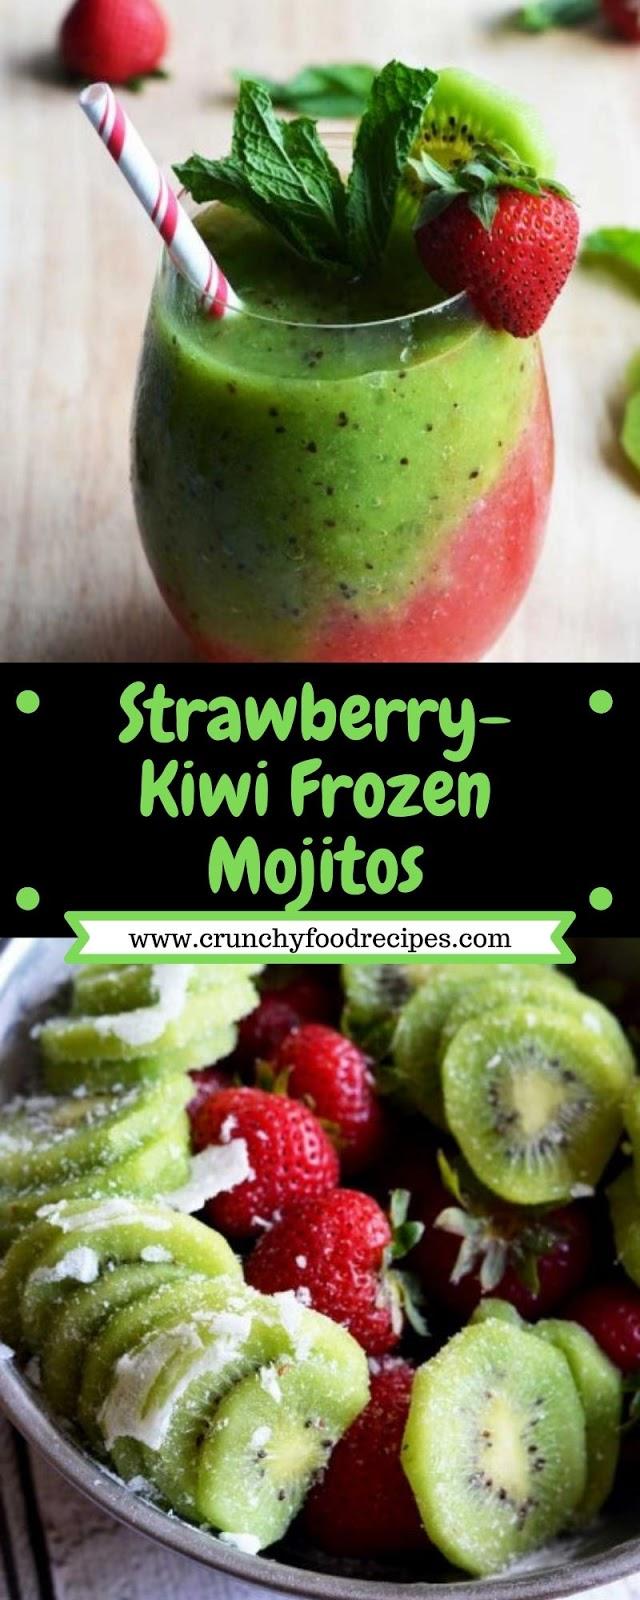 Strawberry-Kiwi Frozen Mojitos